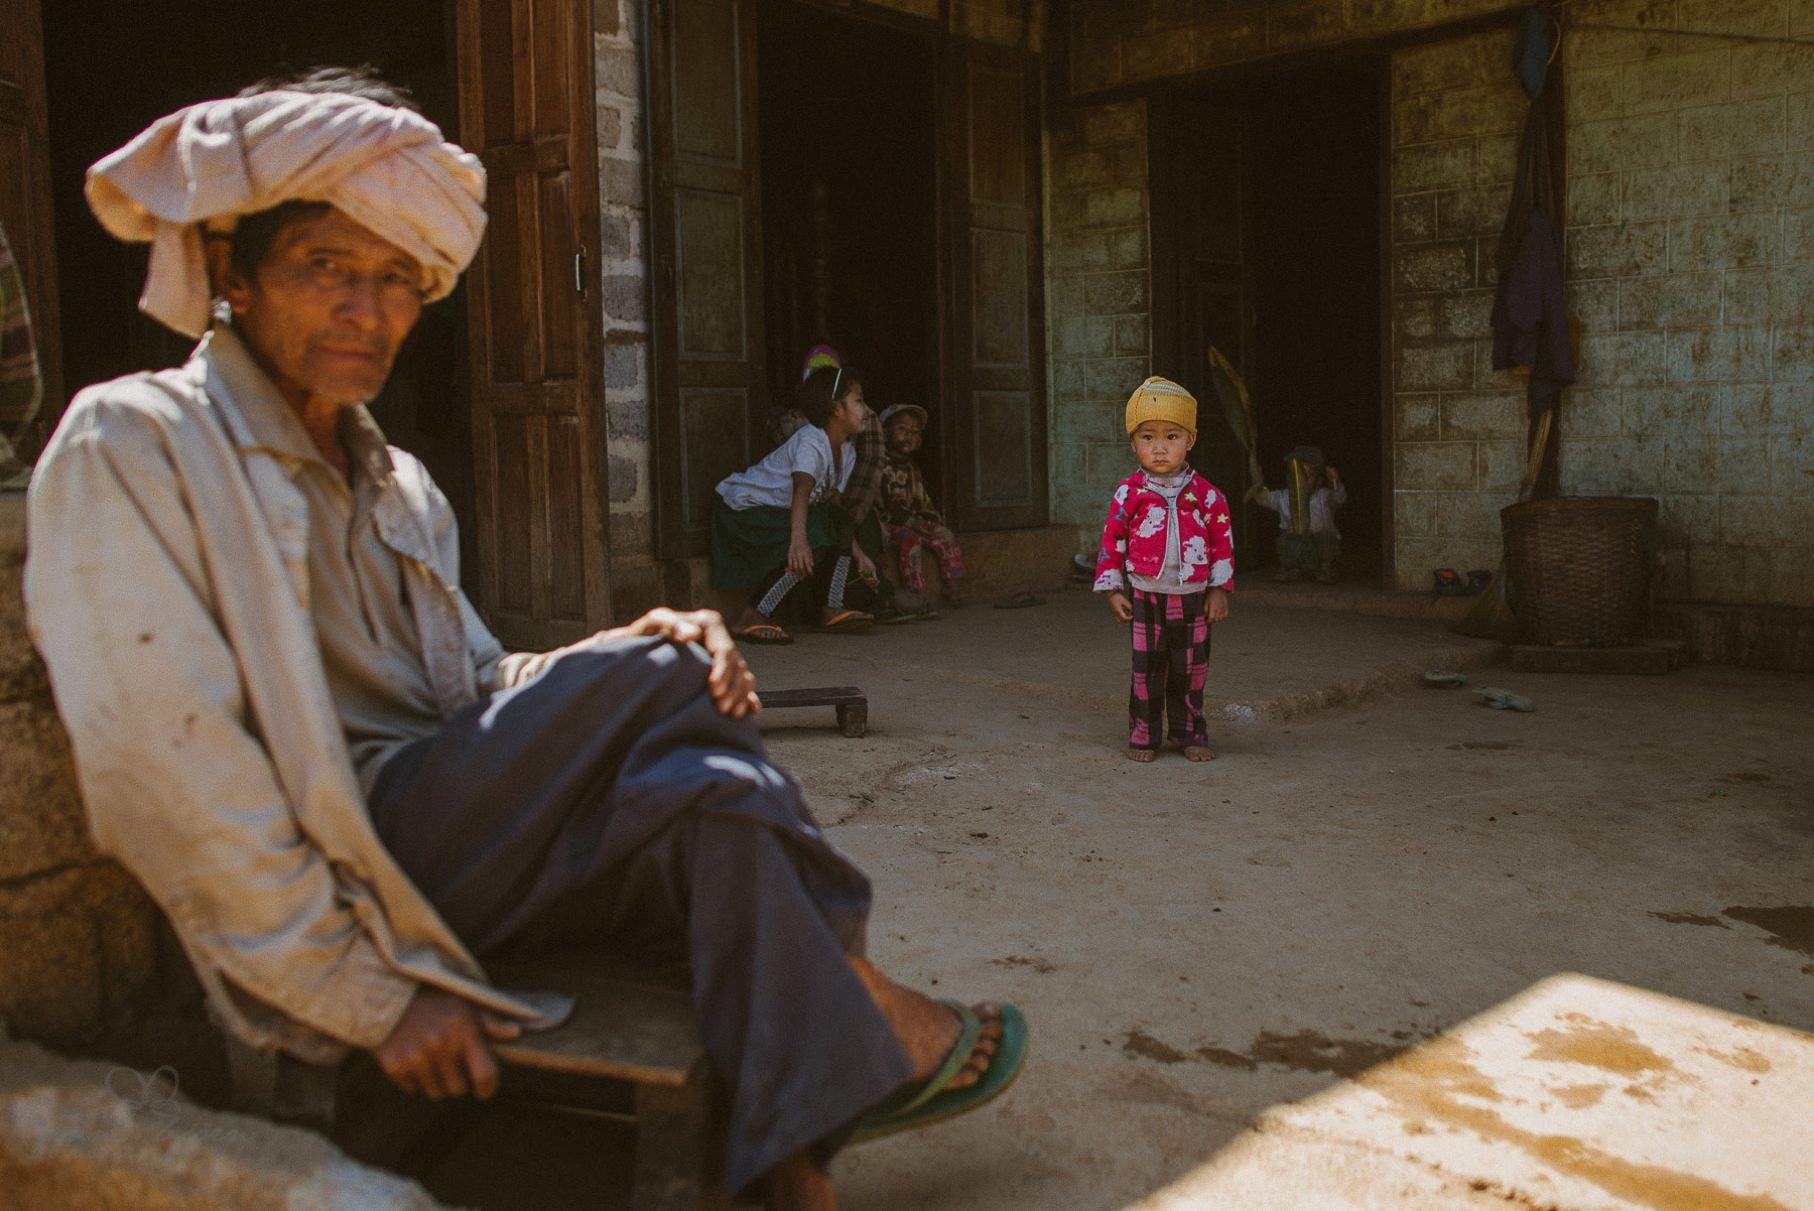 0007 inle lake trekking d76 5192 - Trekking von Kalaw zum Inle-See - Myanmar / Burma